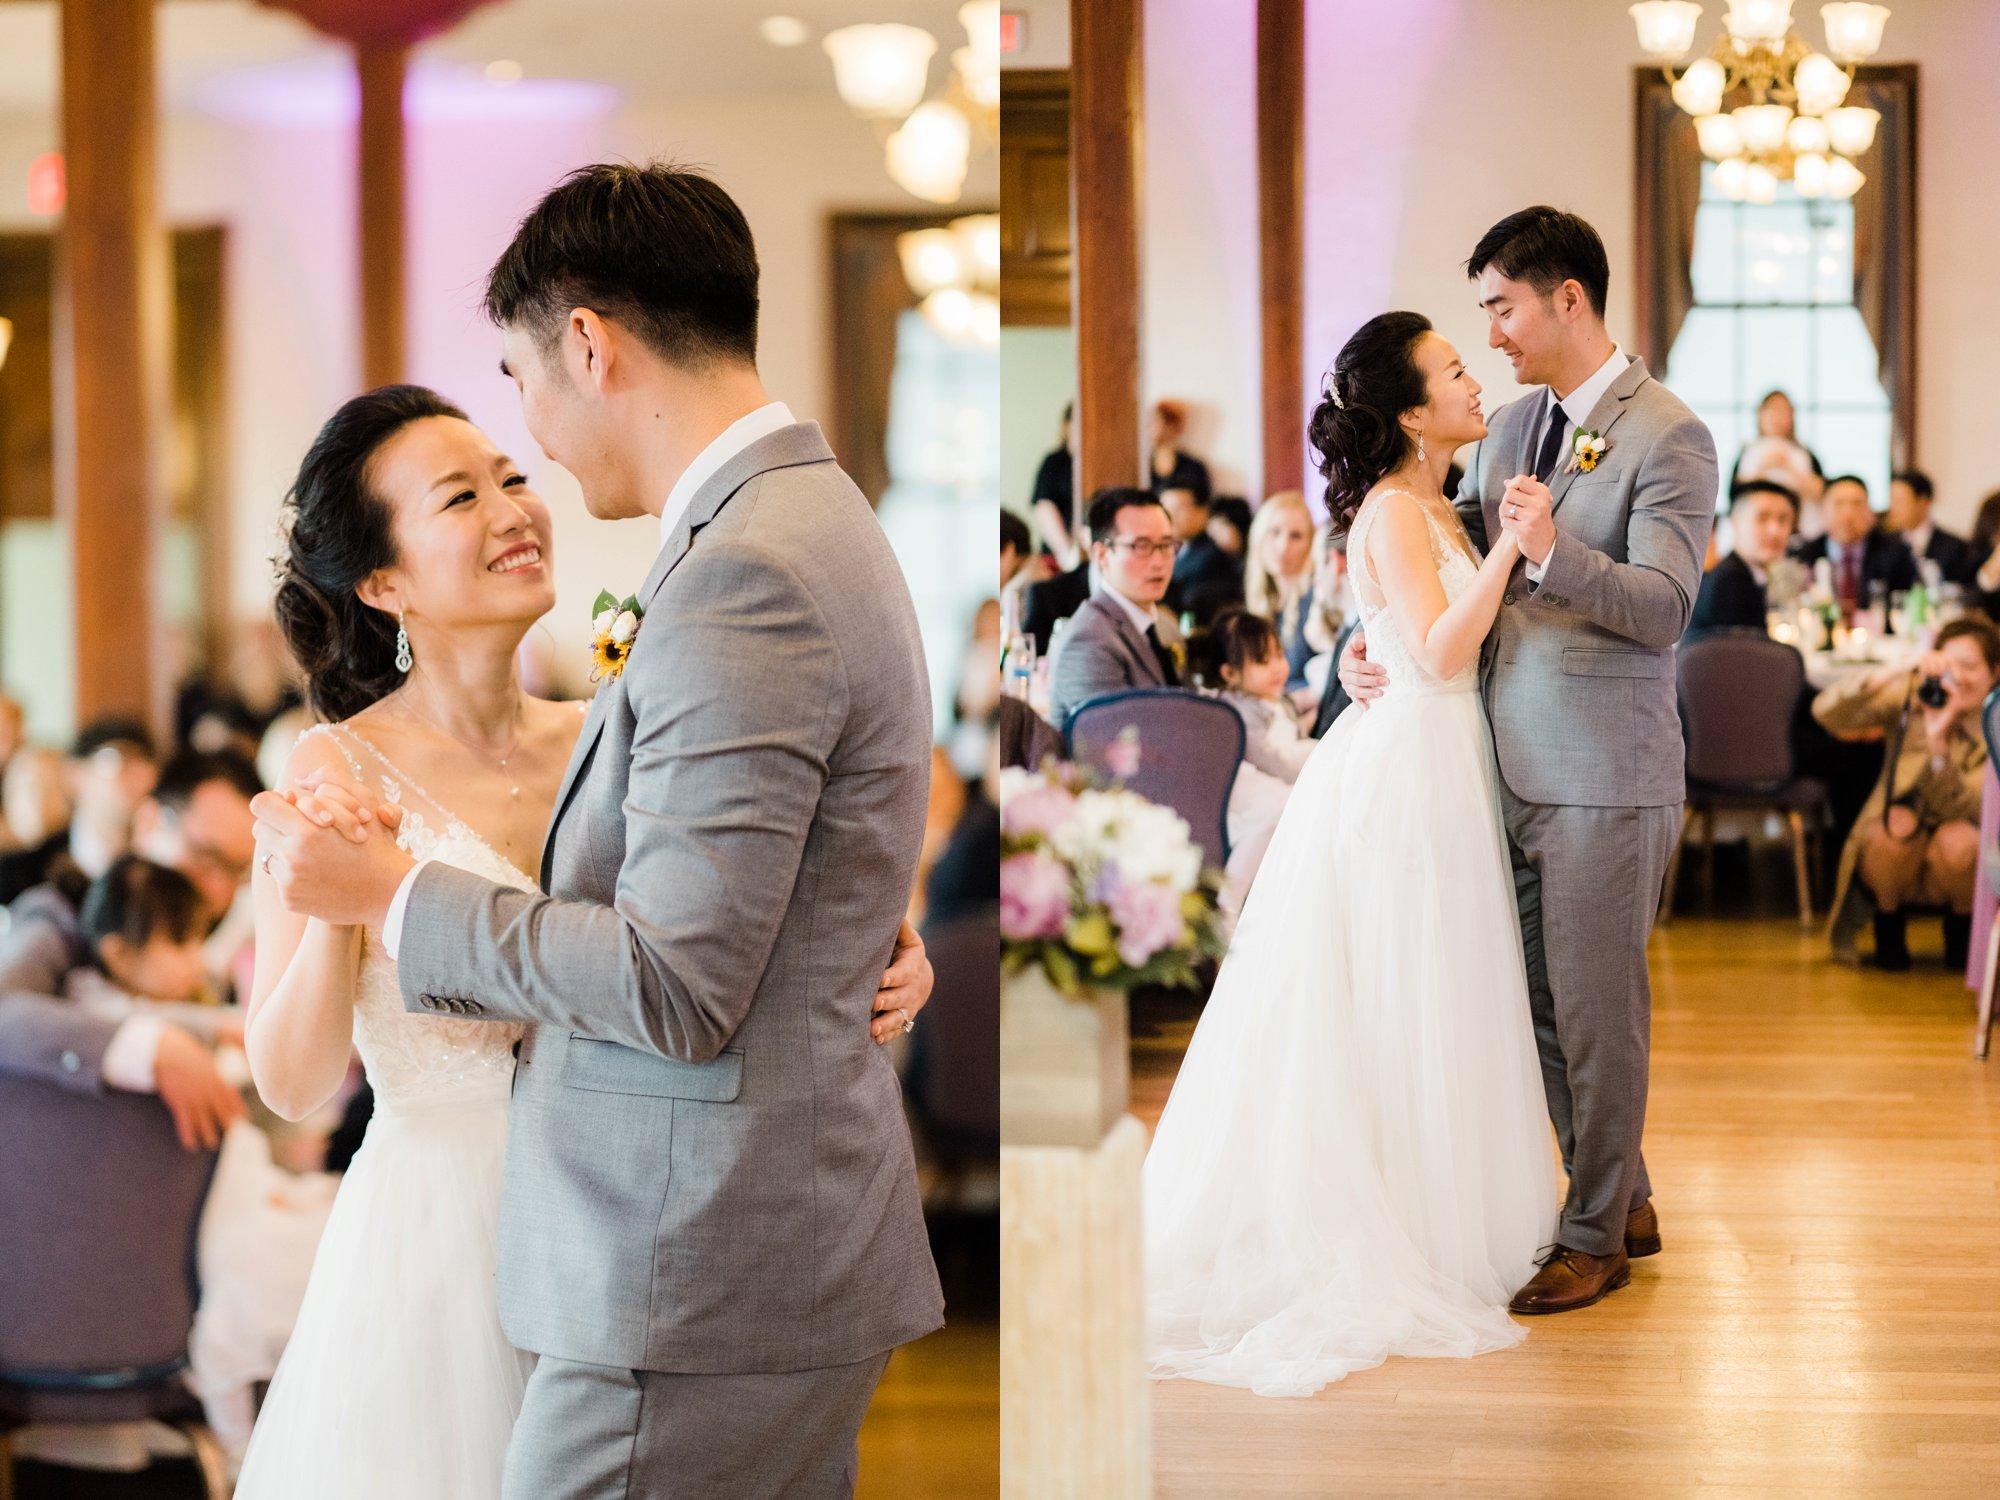 fairfax-dc-wedding-old-city-hall_0145.jpg